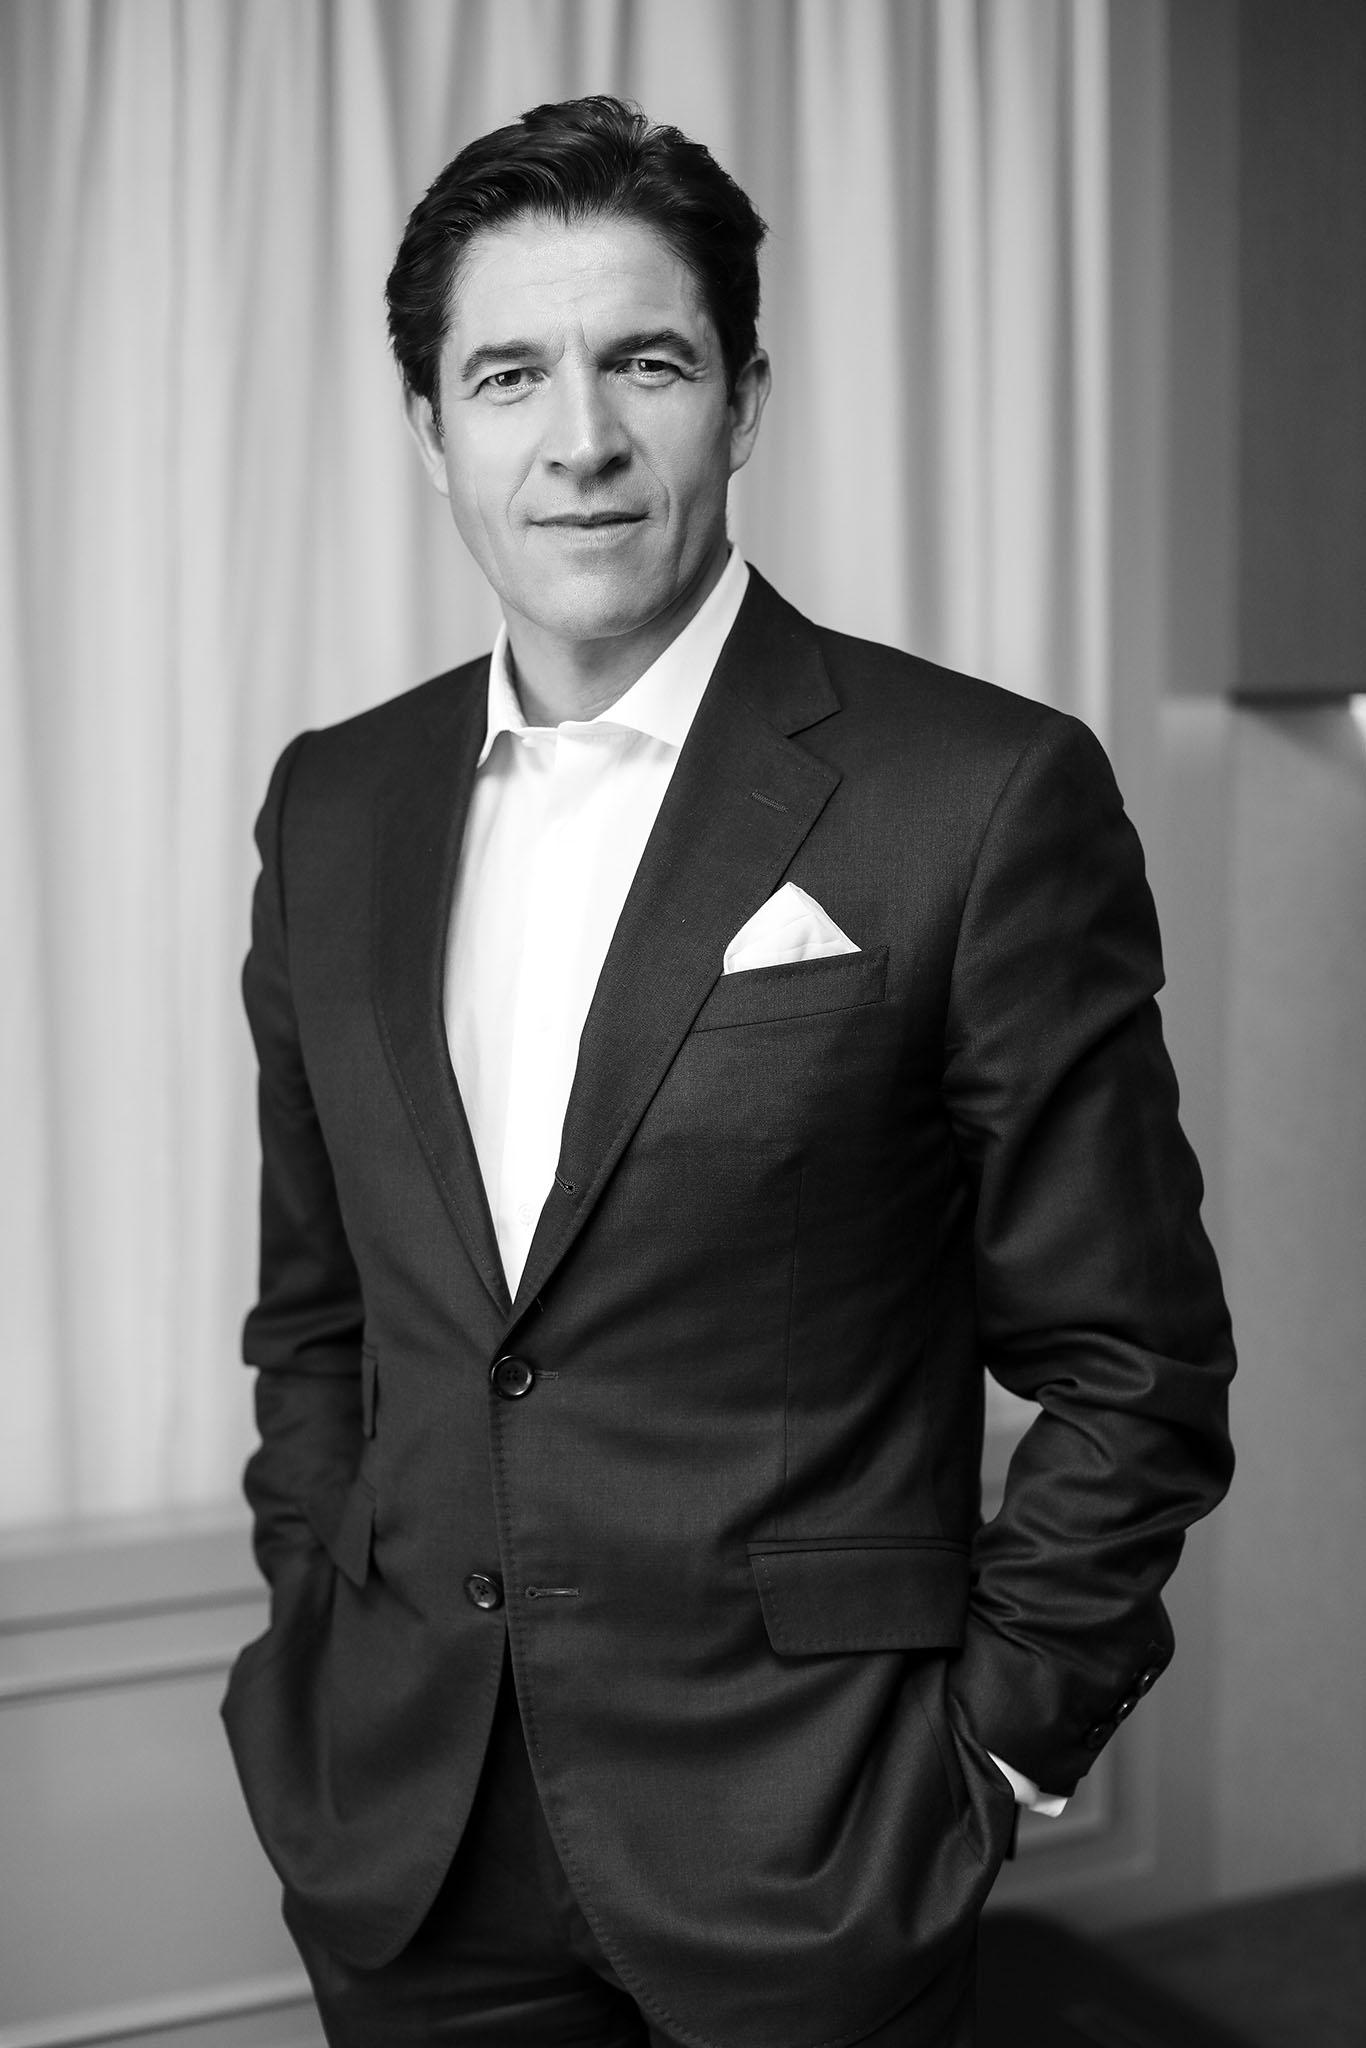 Bally CEO Frédéric de Narp.